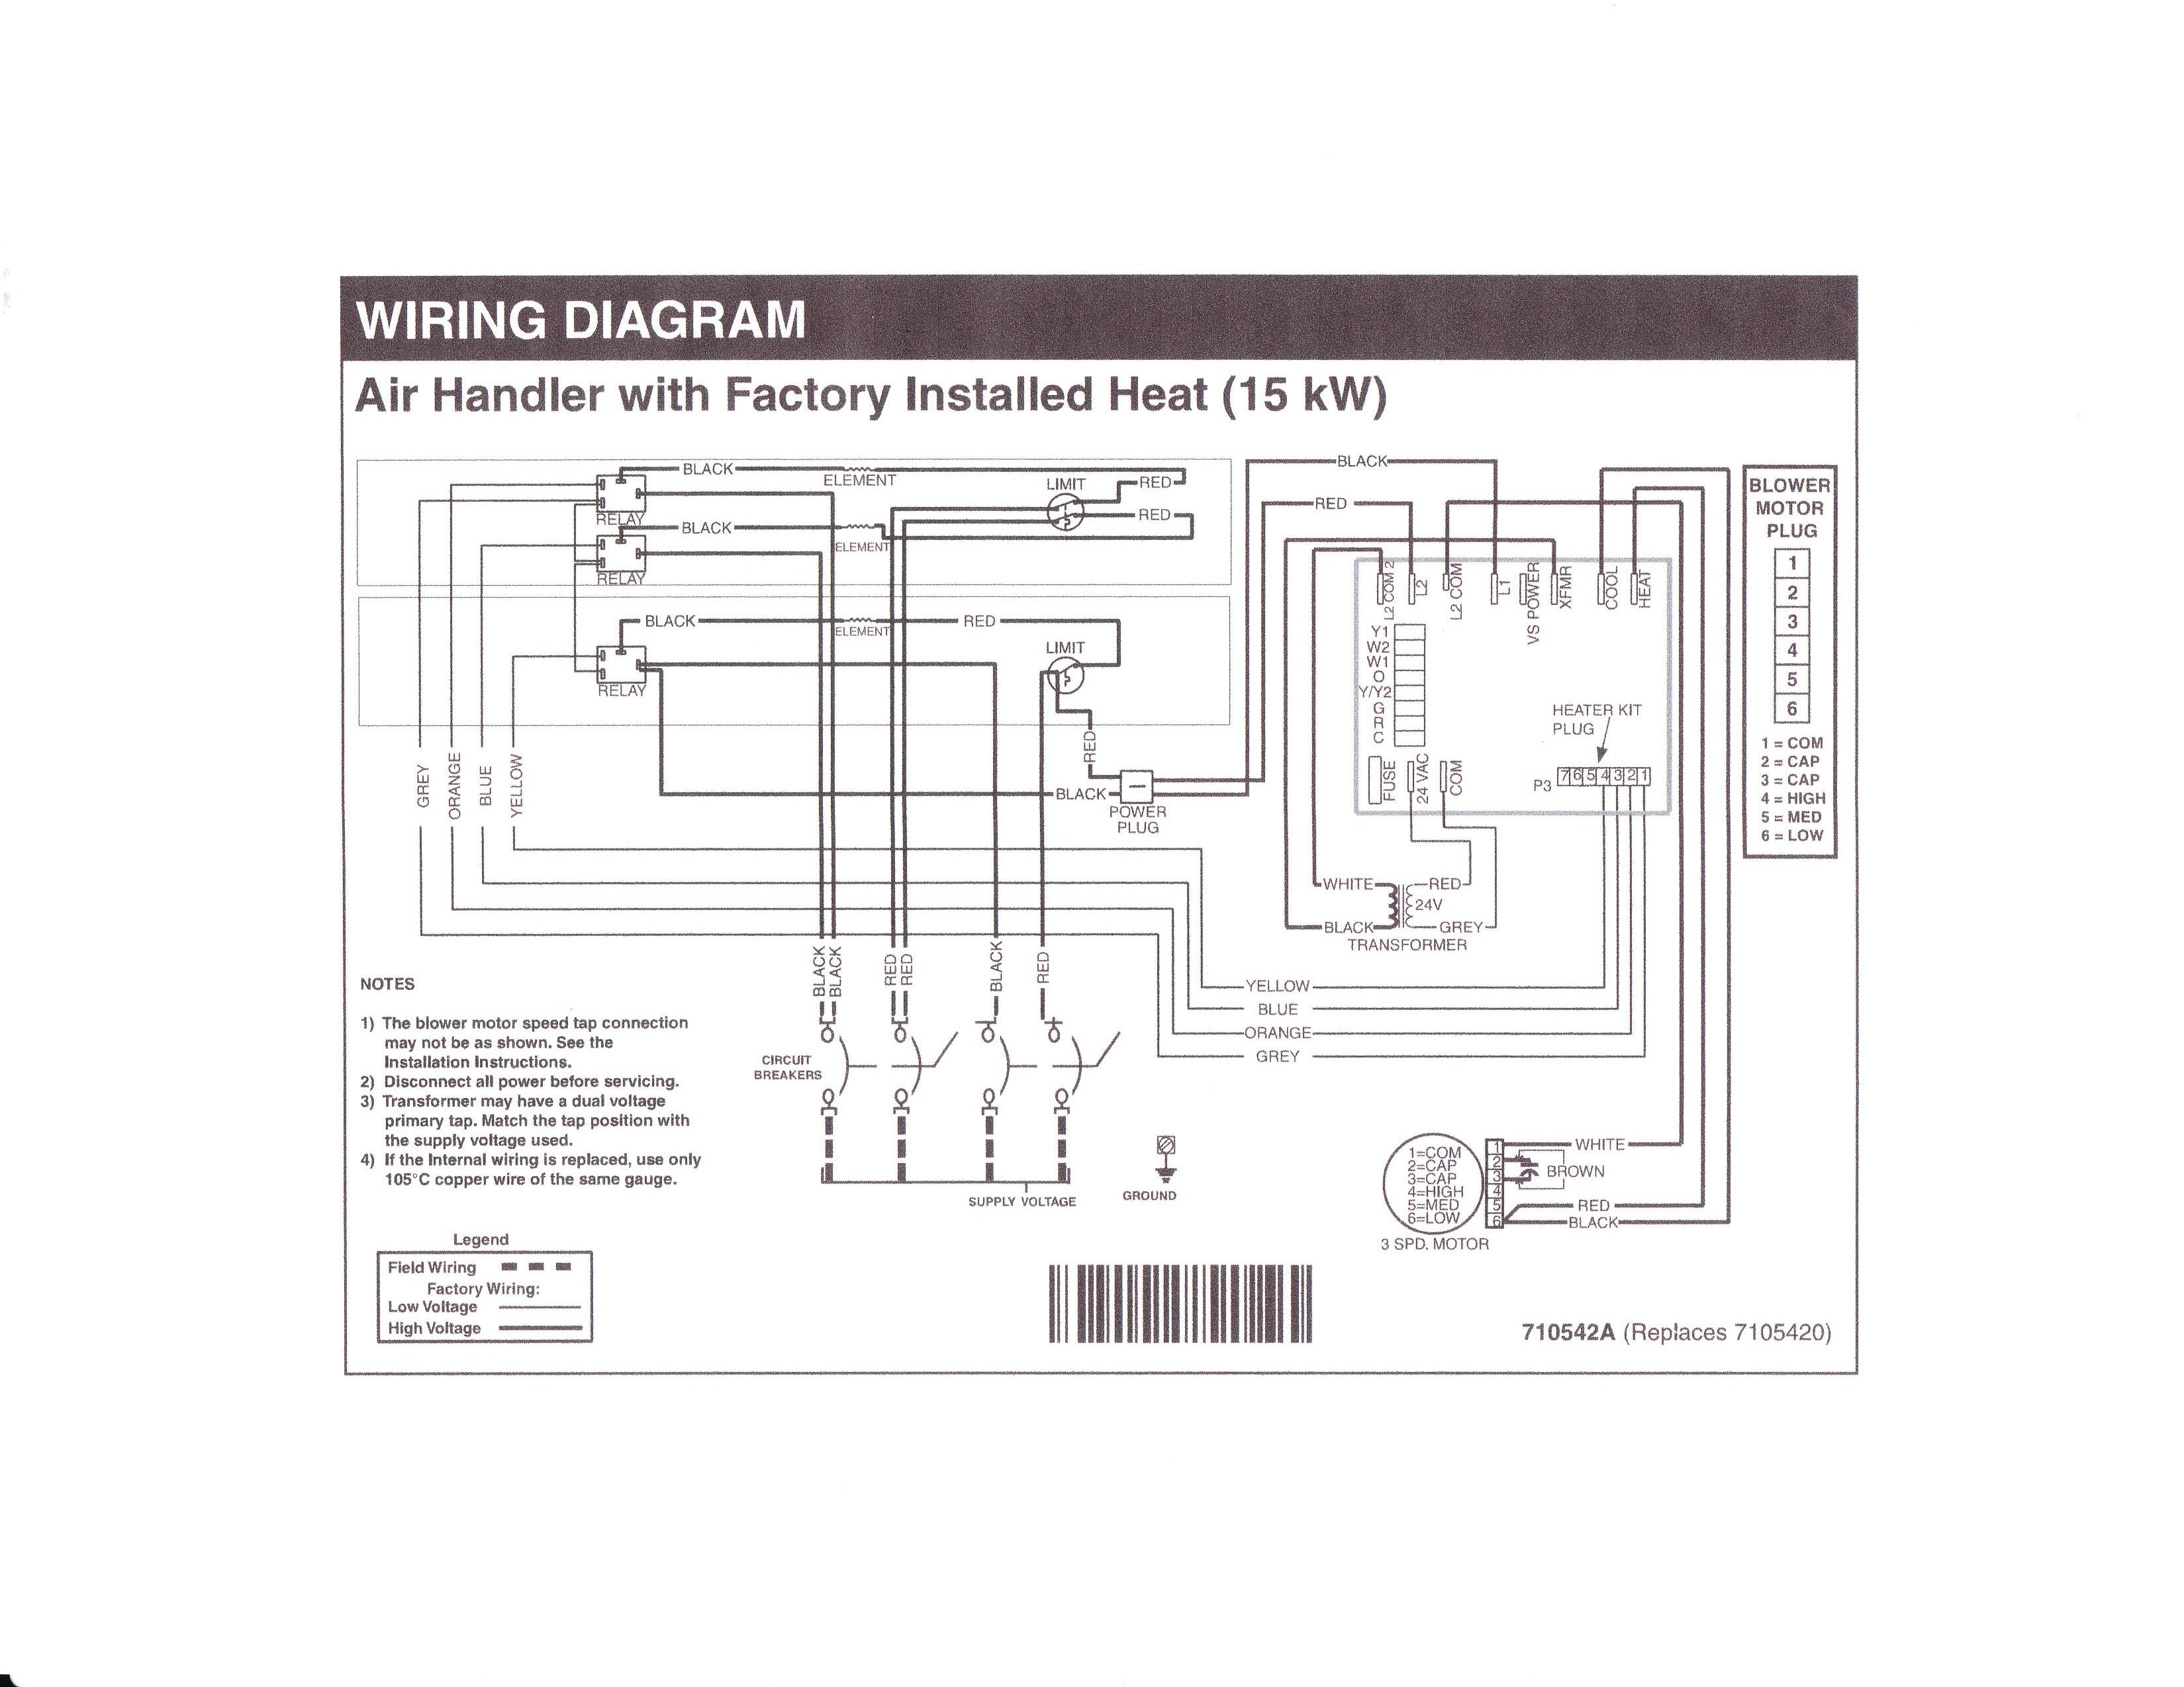 Intertherm Heater Wiring Diagram | Wiring Diagram - Cummins Grid Heater Wiring Diagram